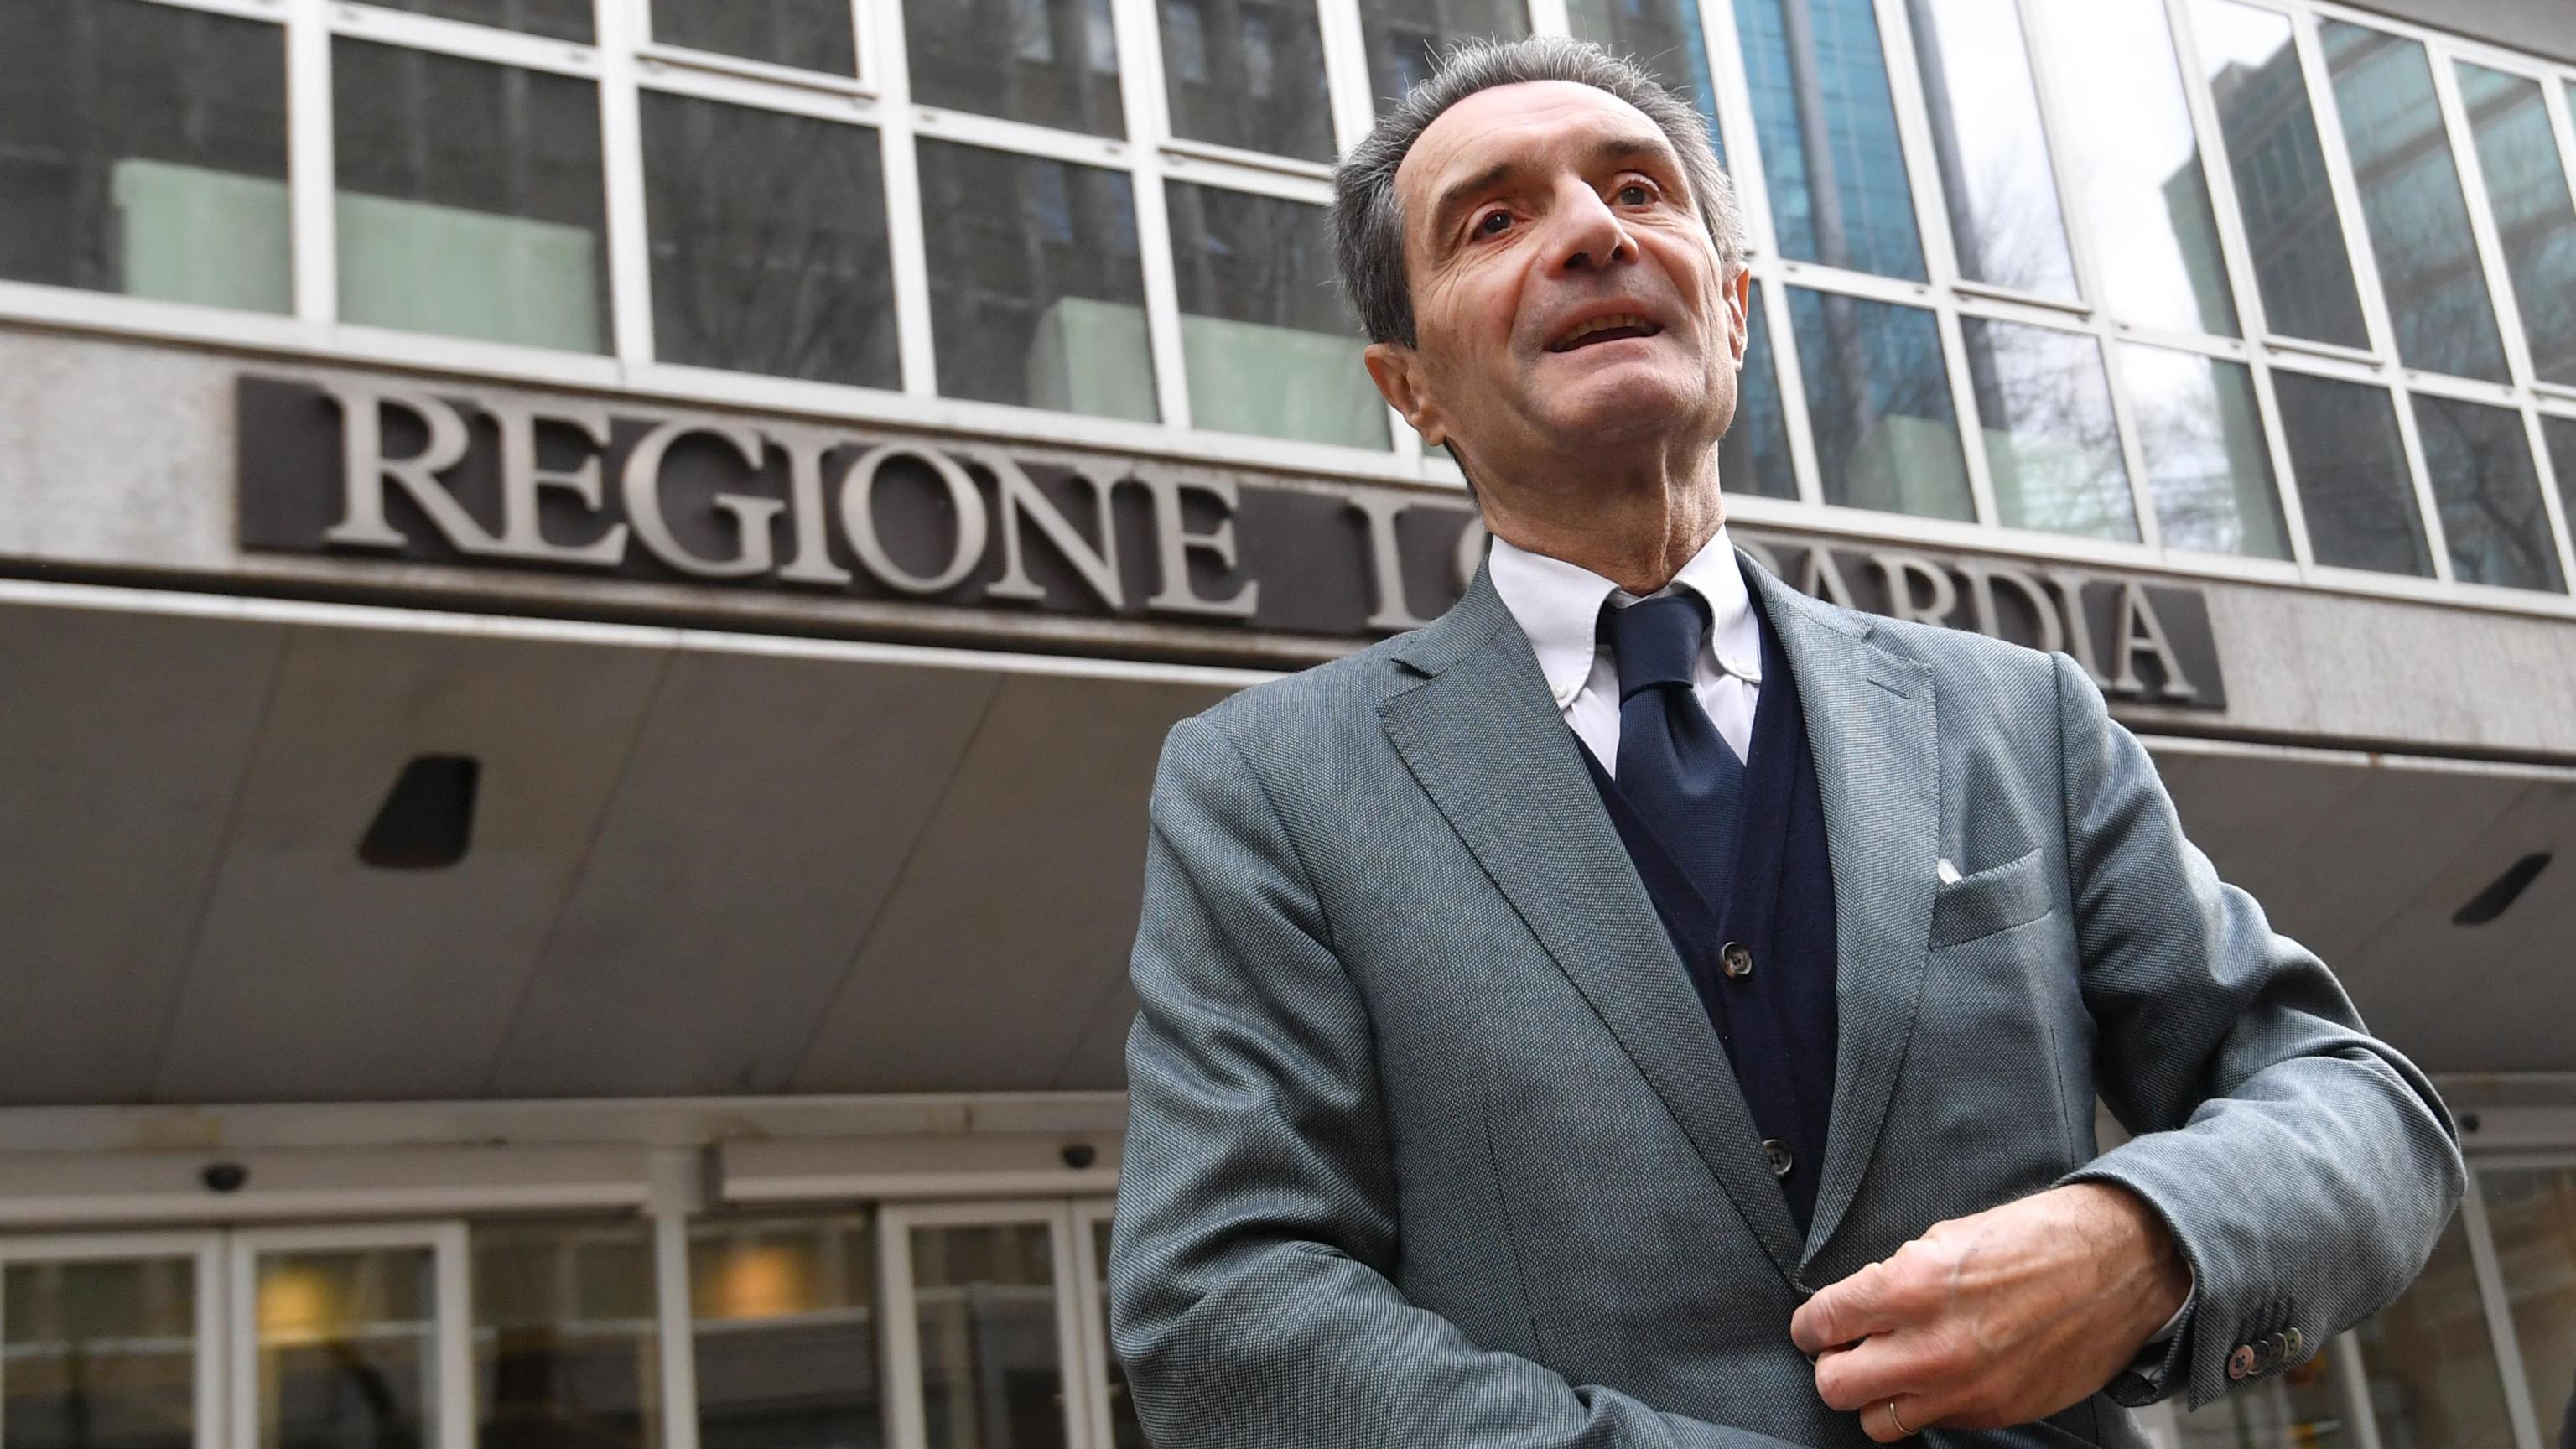 Lombardia: Fontana, ho sbagliato